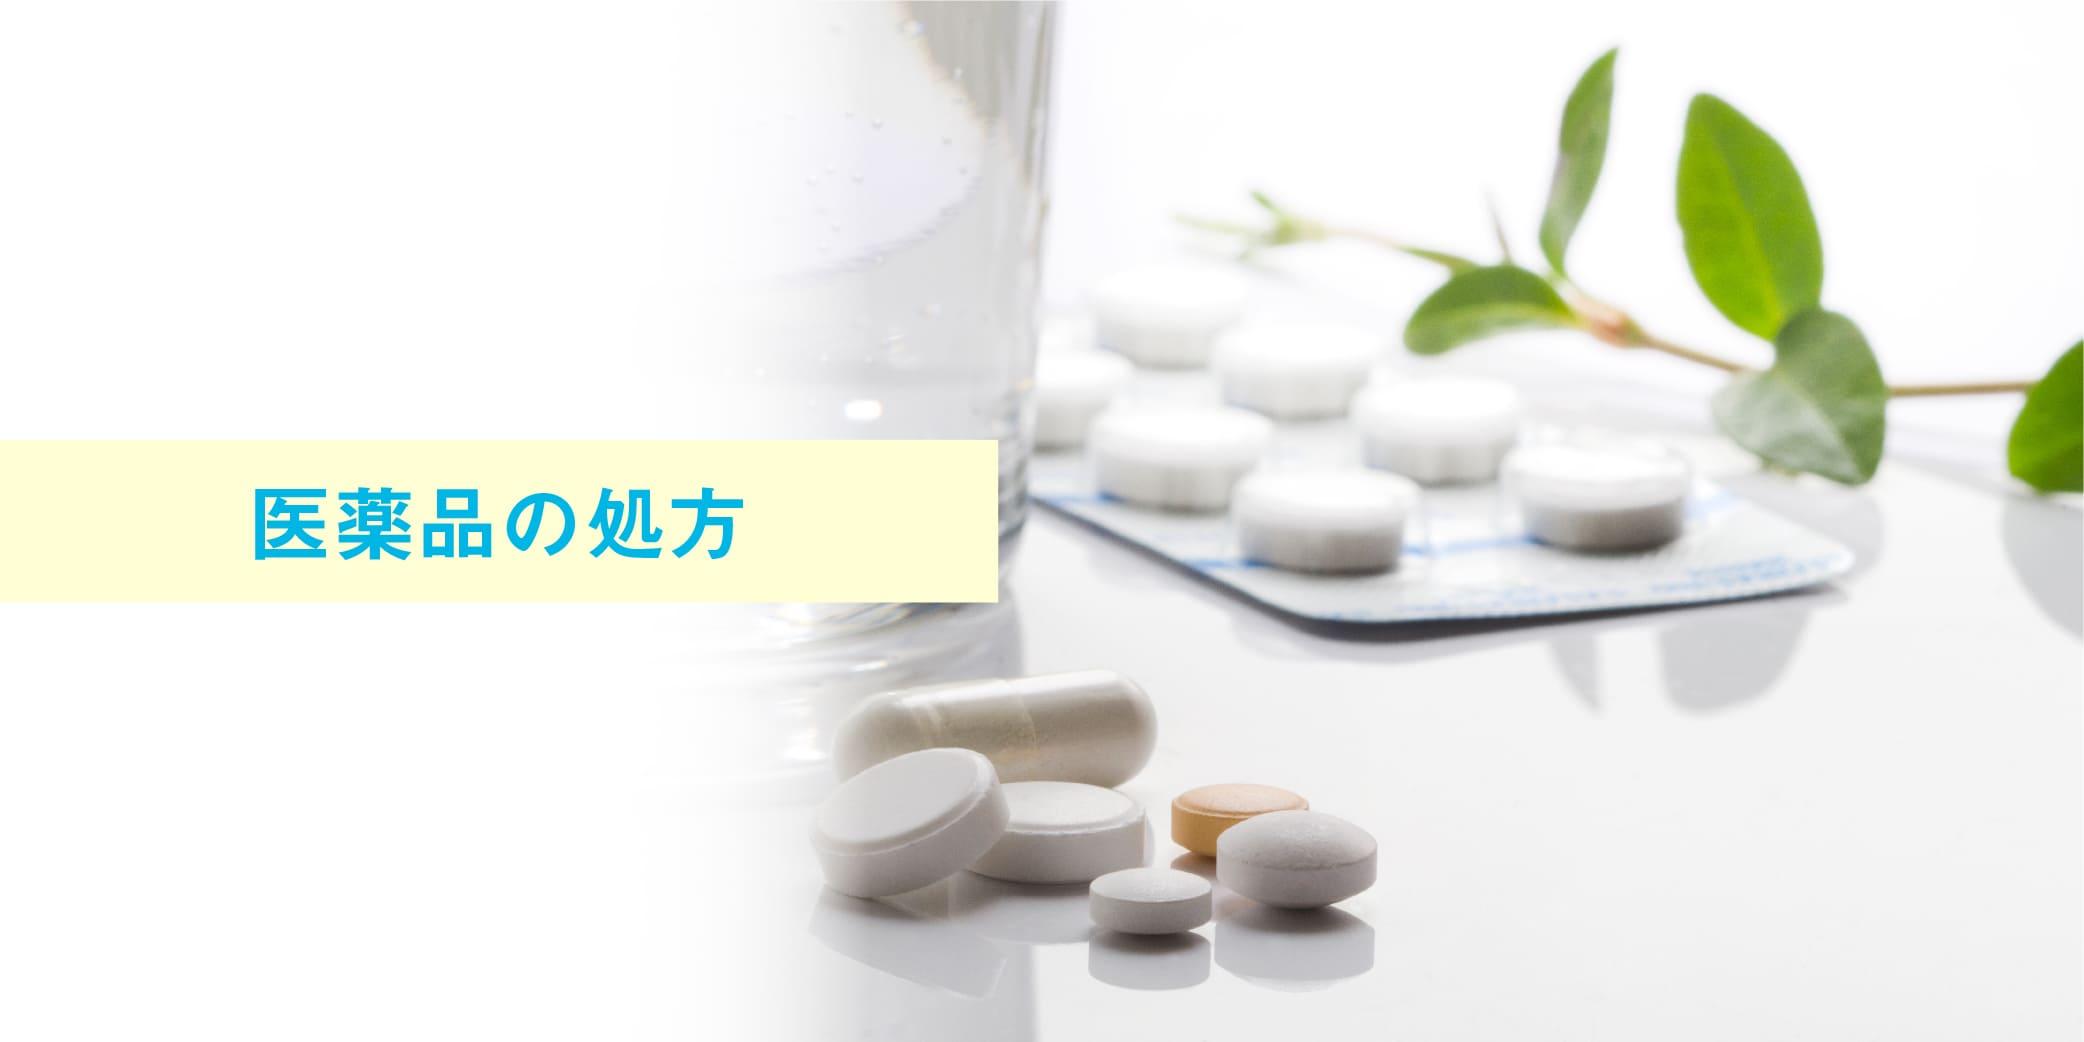 ミセルクリニック 医薬品の処方